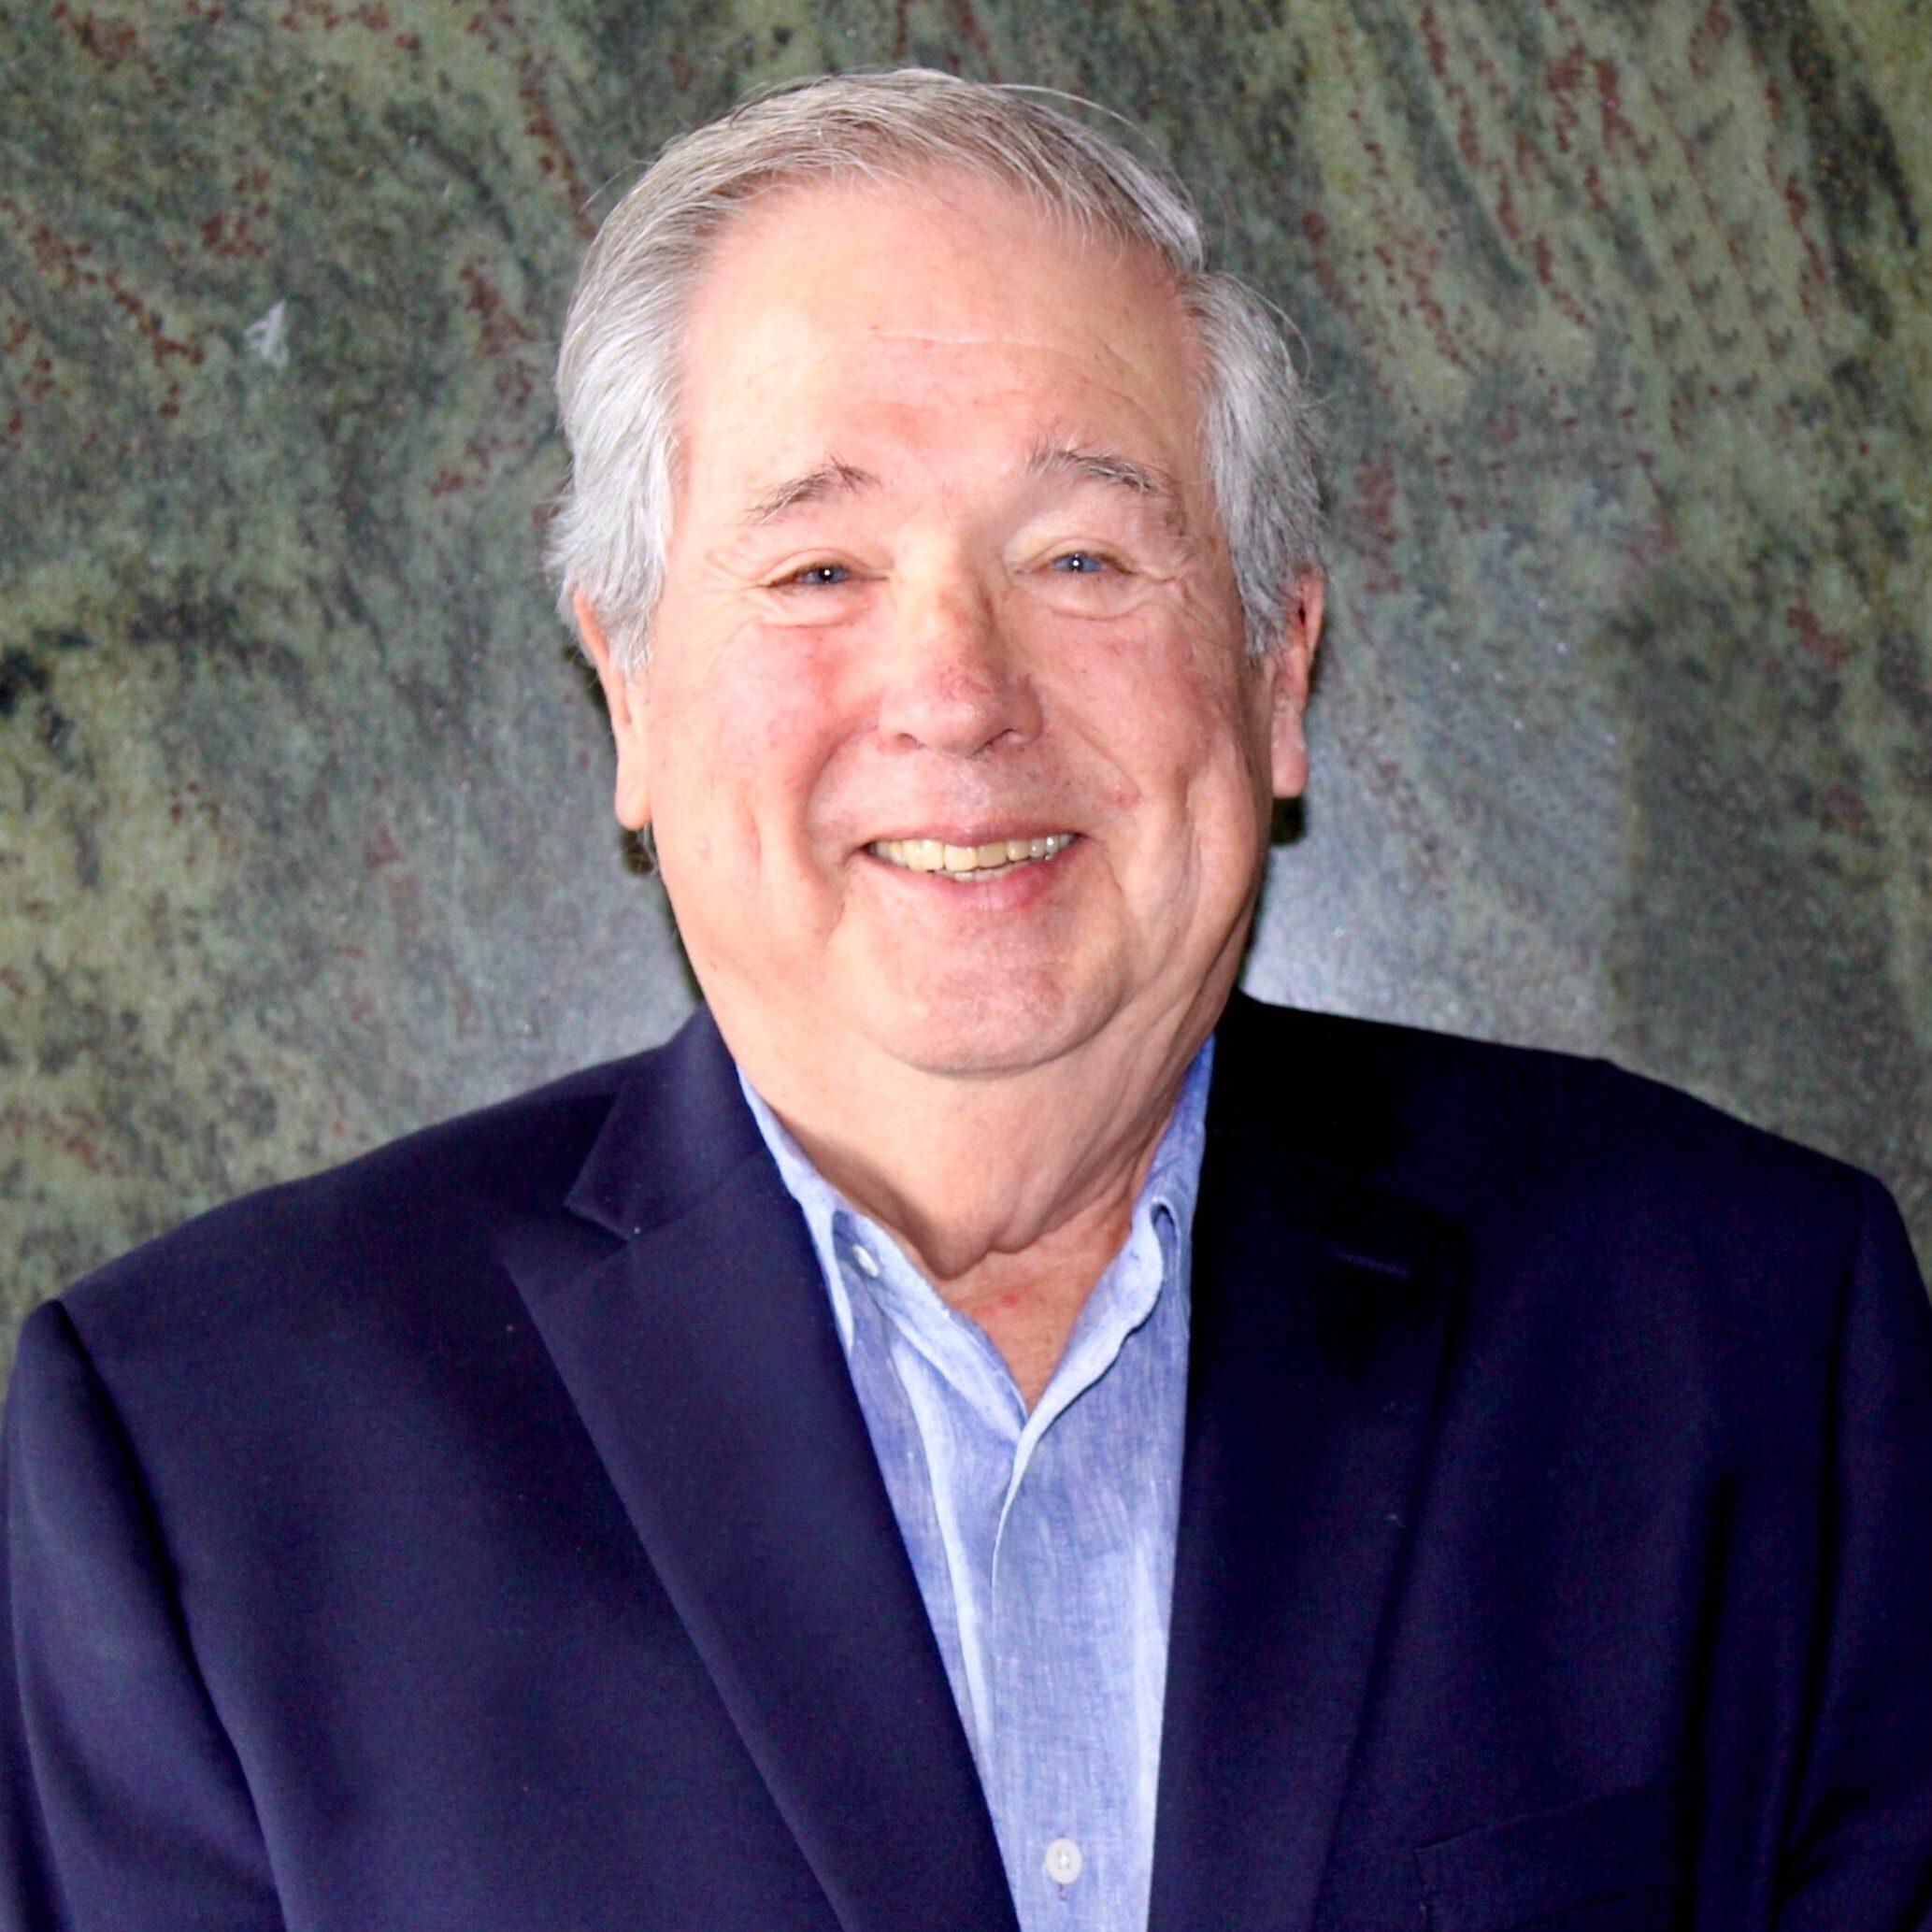 José E. Fernández